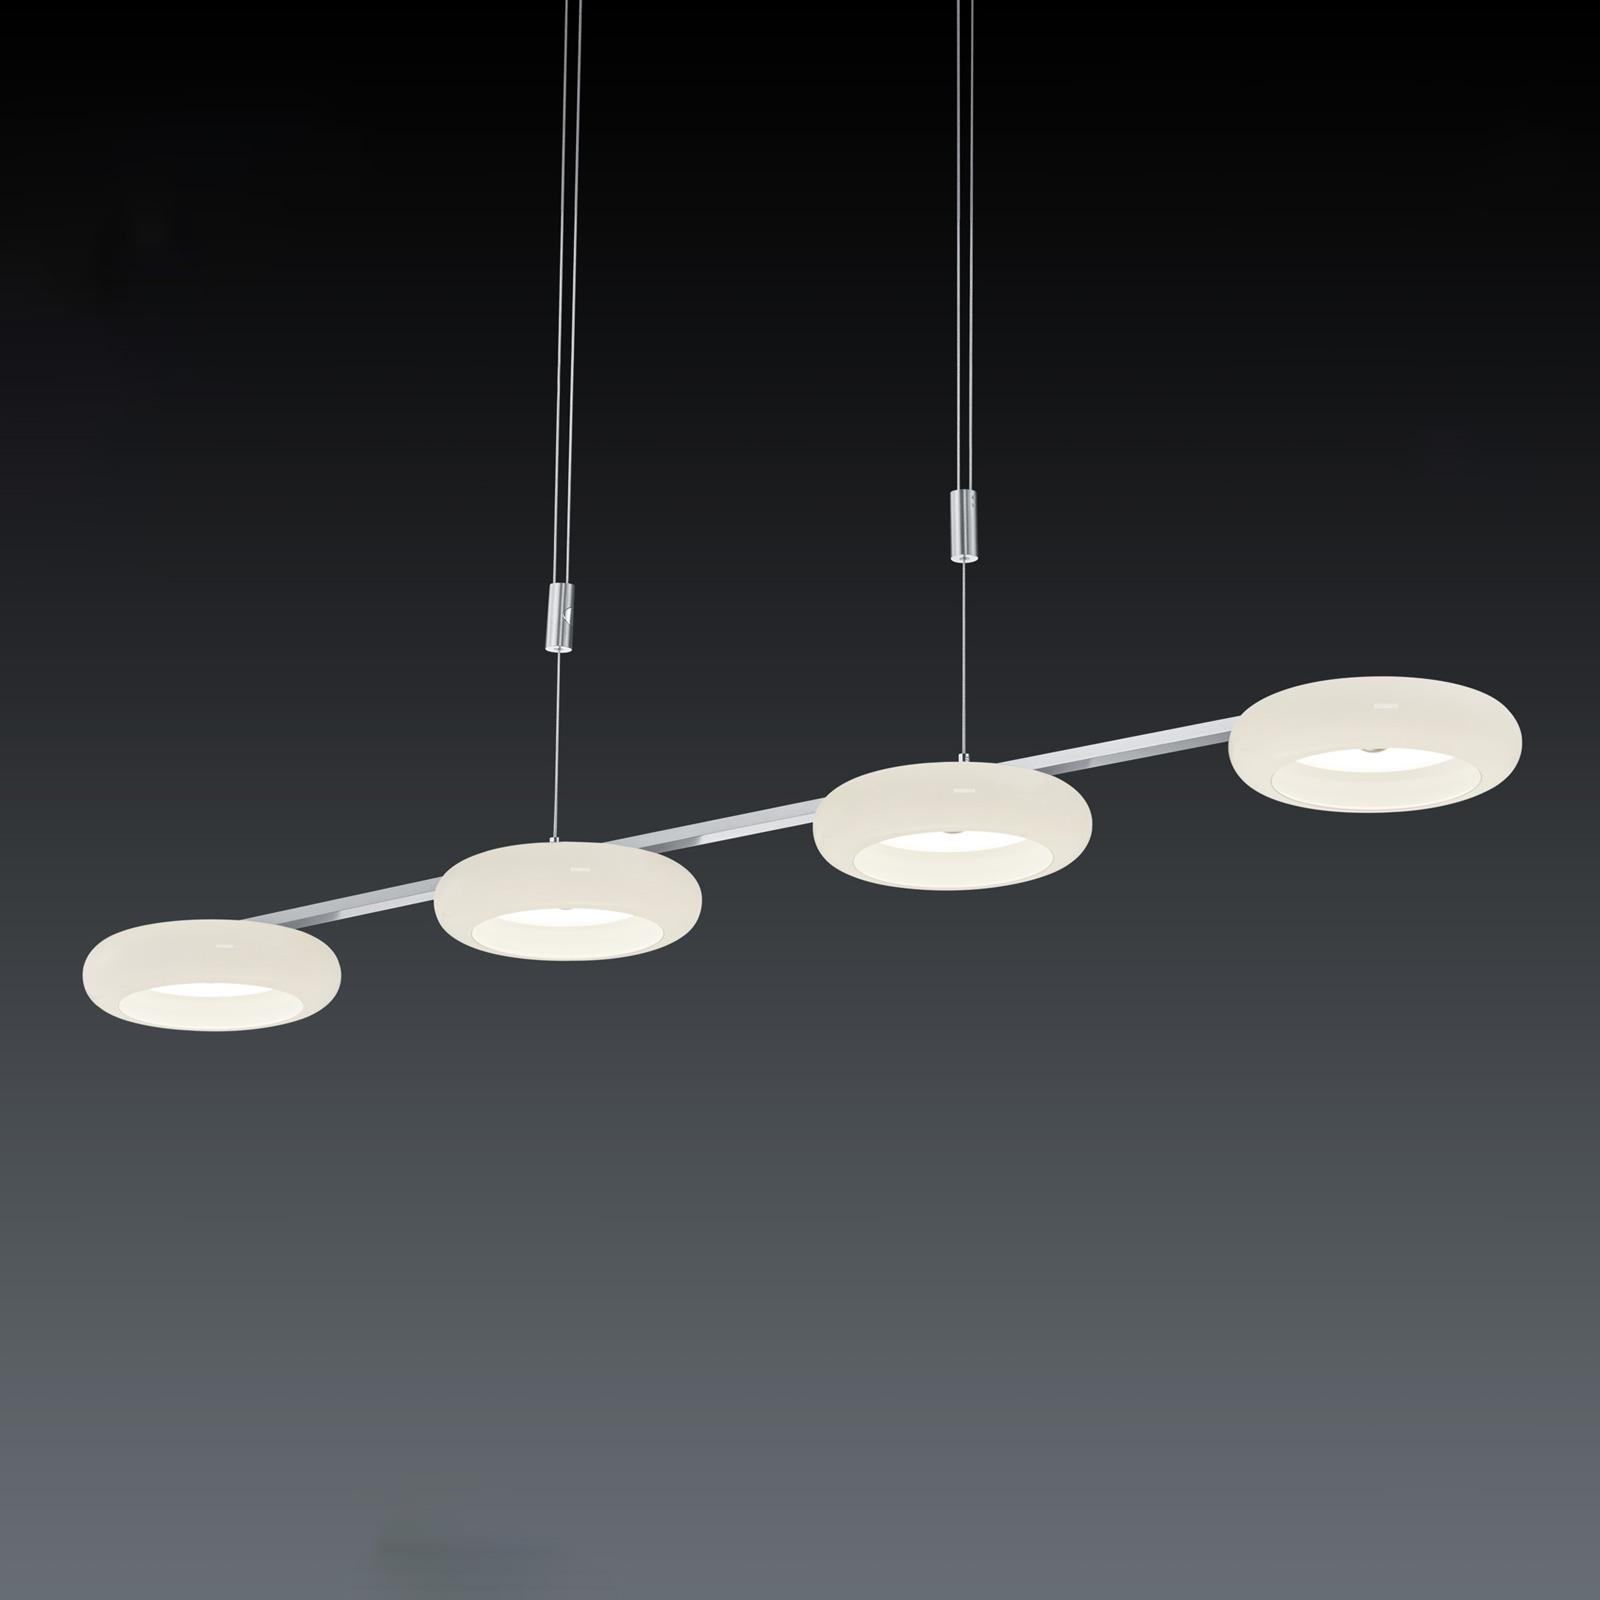 BANKAMP Centa hanglamp 4-lamps wit/nikkel